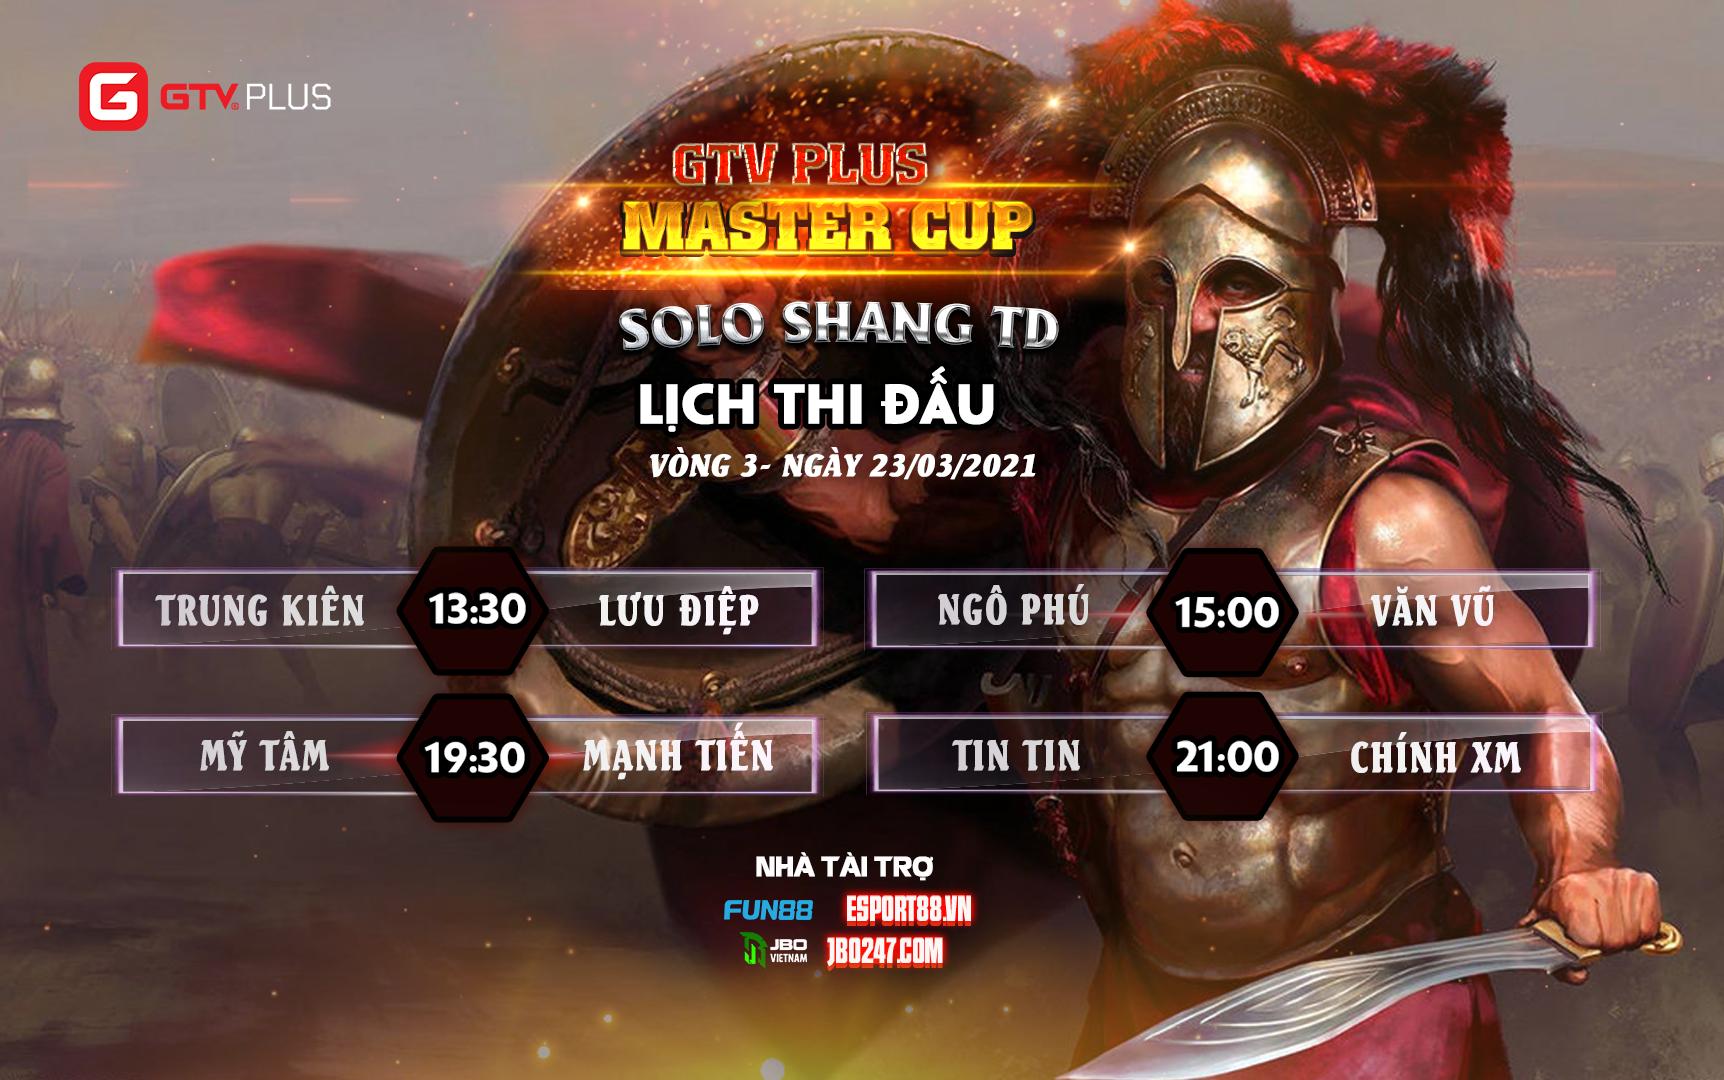 Lịch thi đấu ngày thi đấu ngày 23 tháng 3 Giải đấu GTV Plus Master Cup 2021